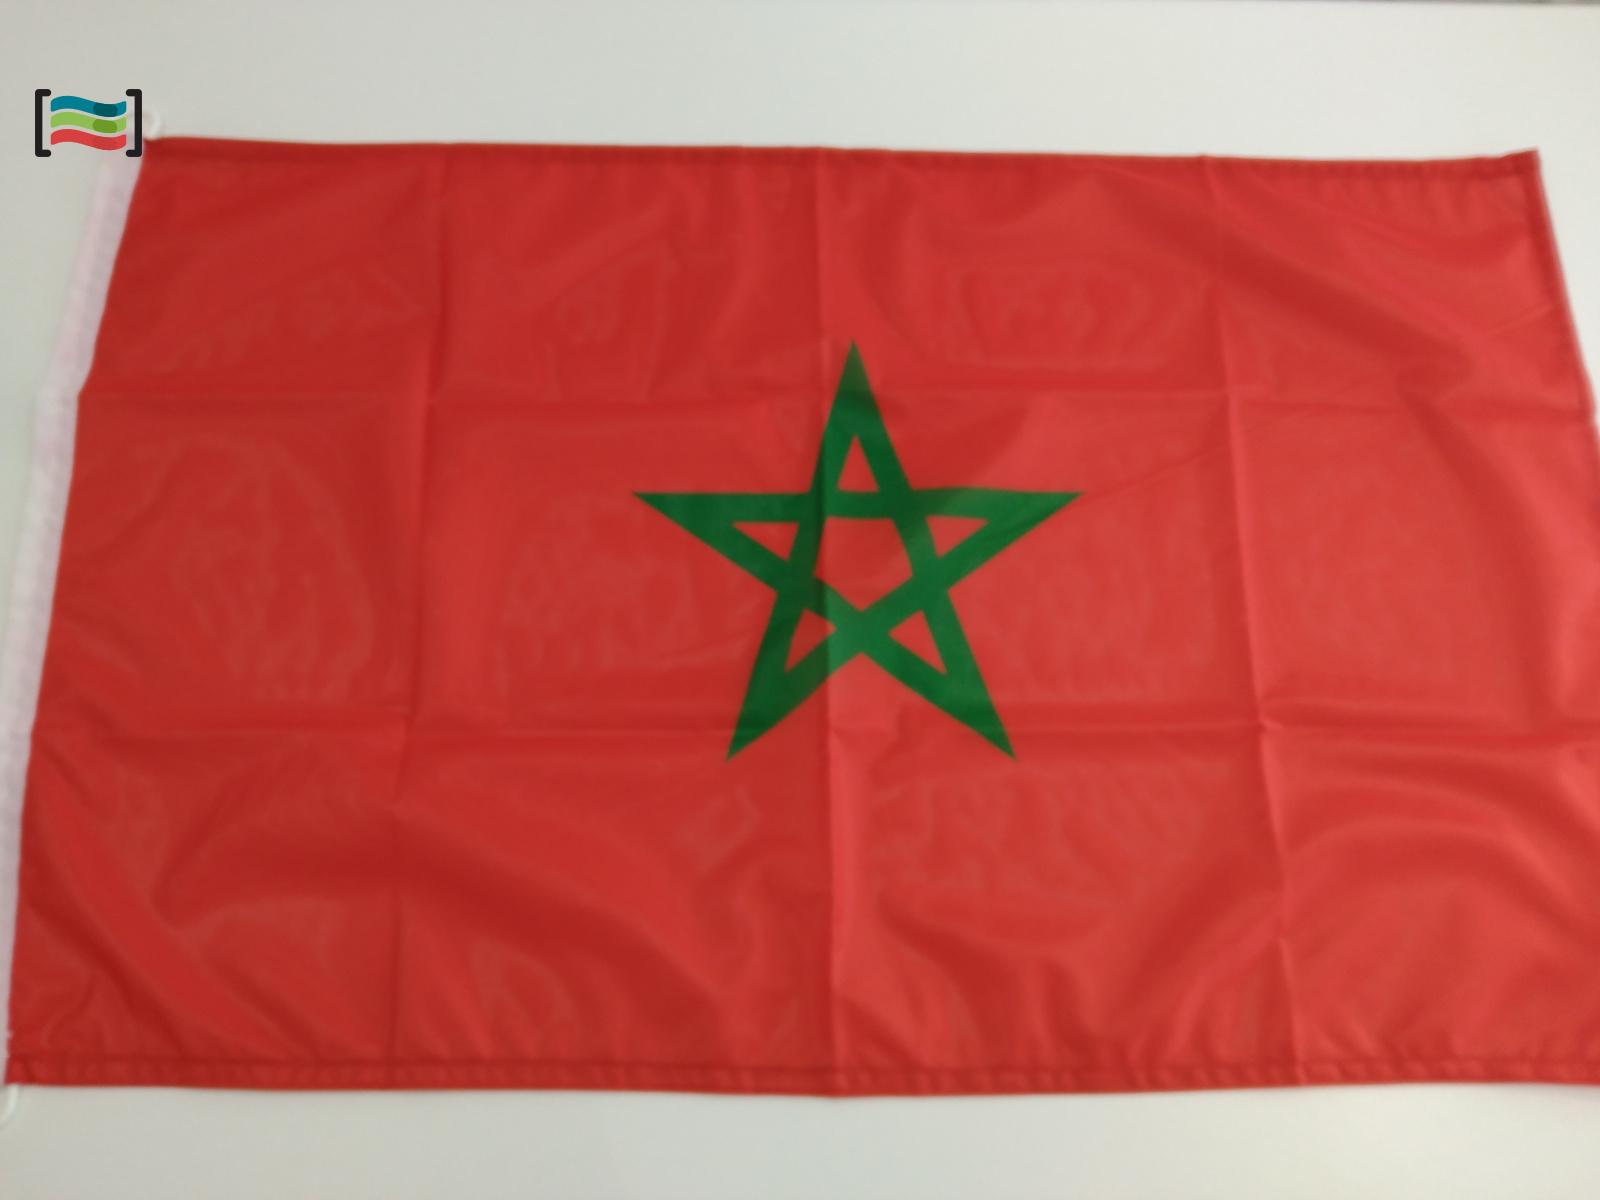 Comprar bandera de marruecos comprar banderas for Medida de baneras